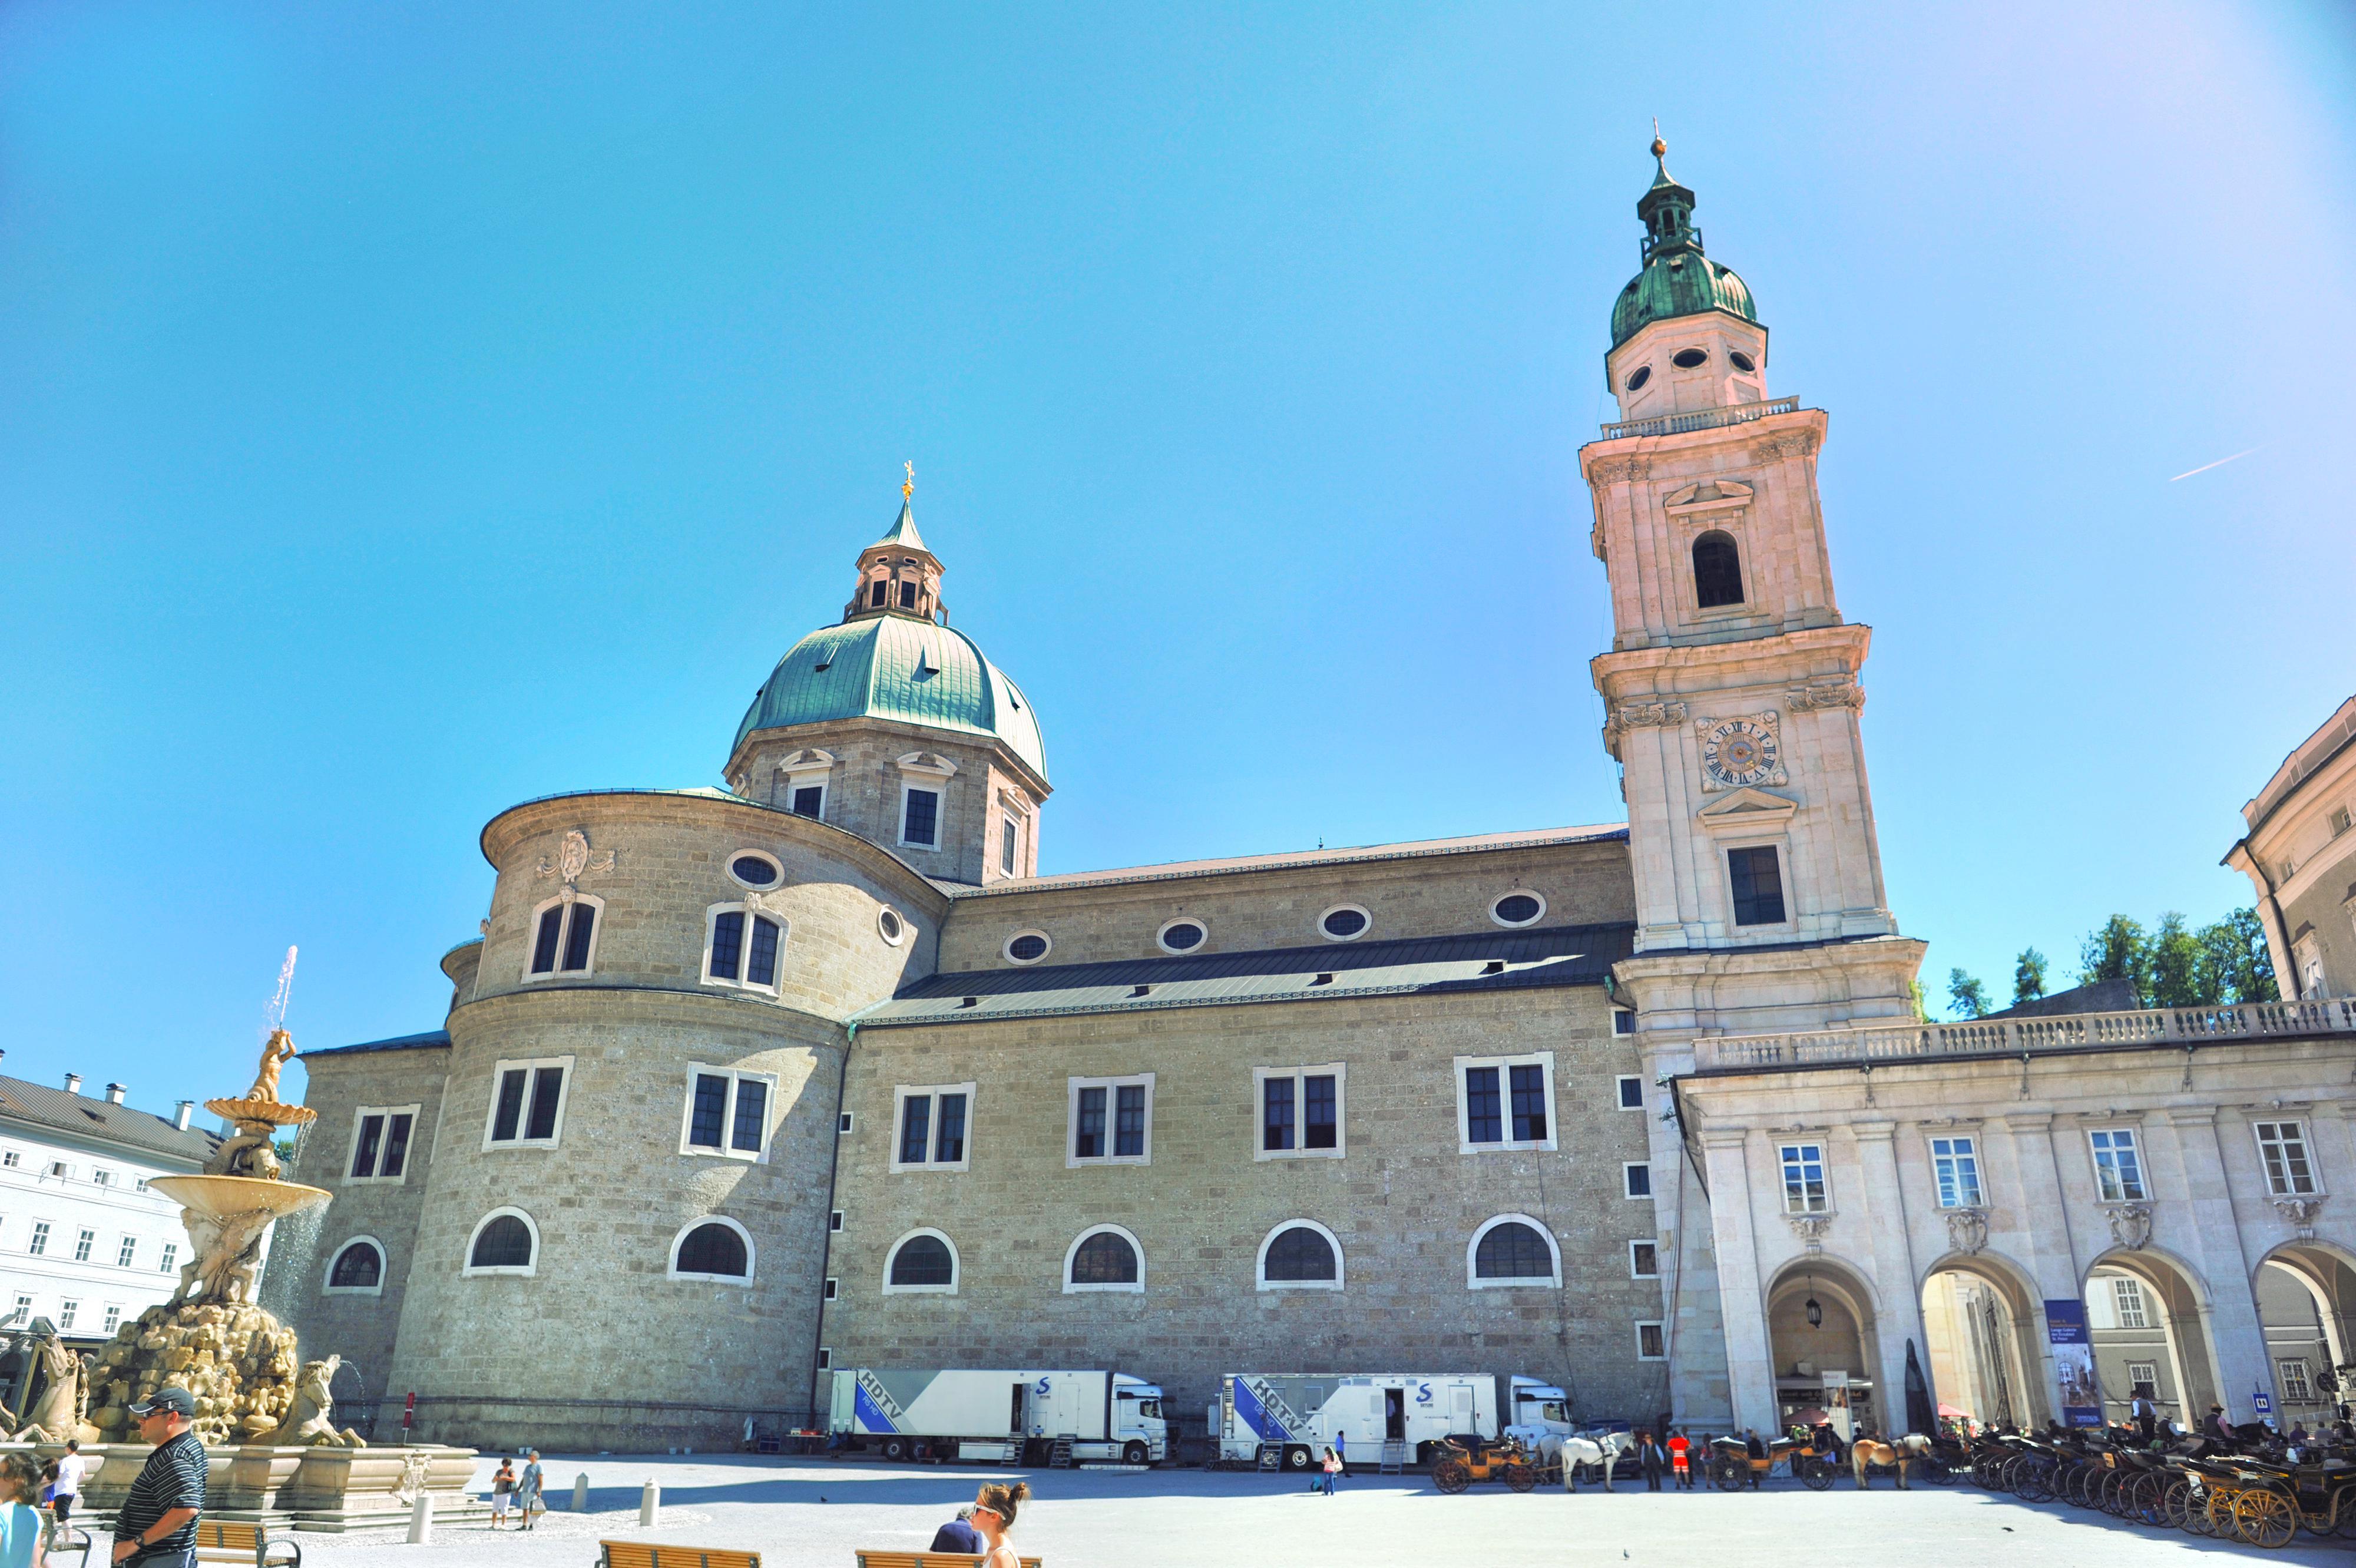 薩爾茨堡主教座堂